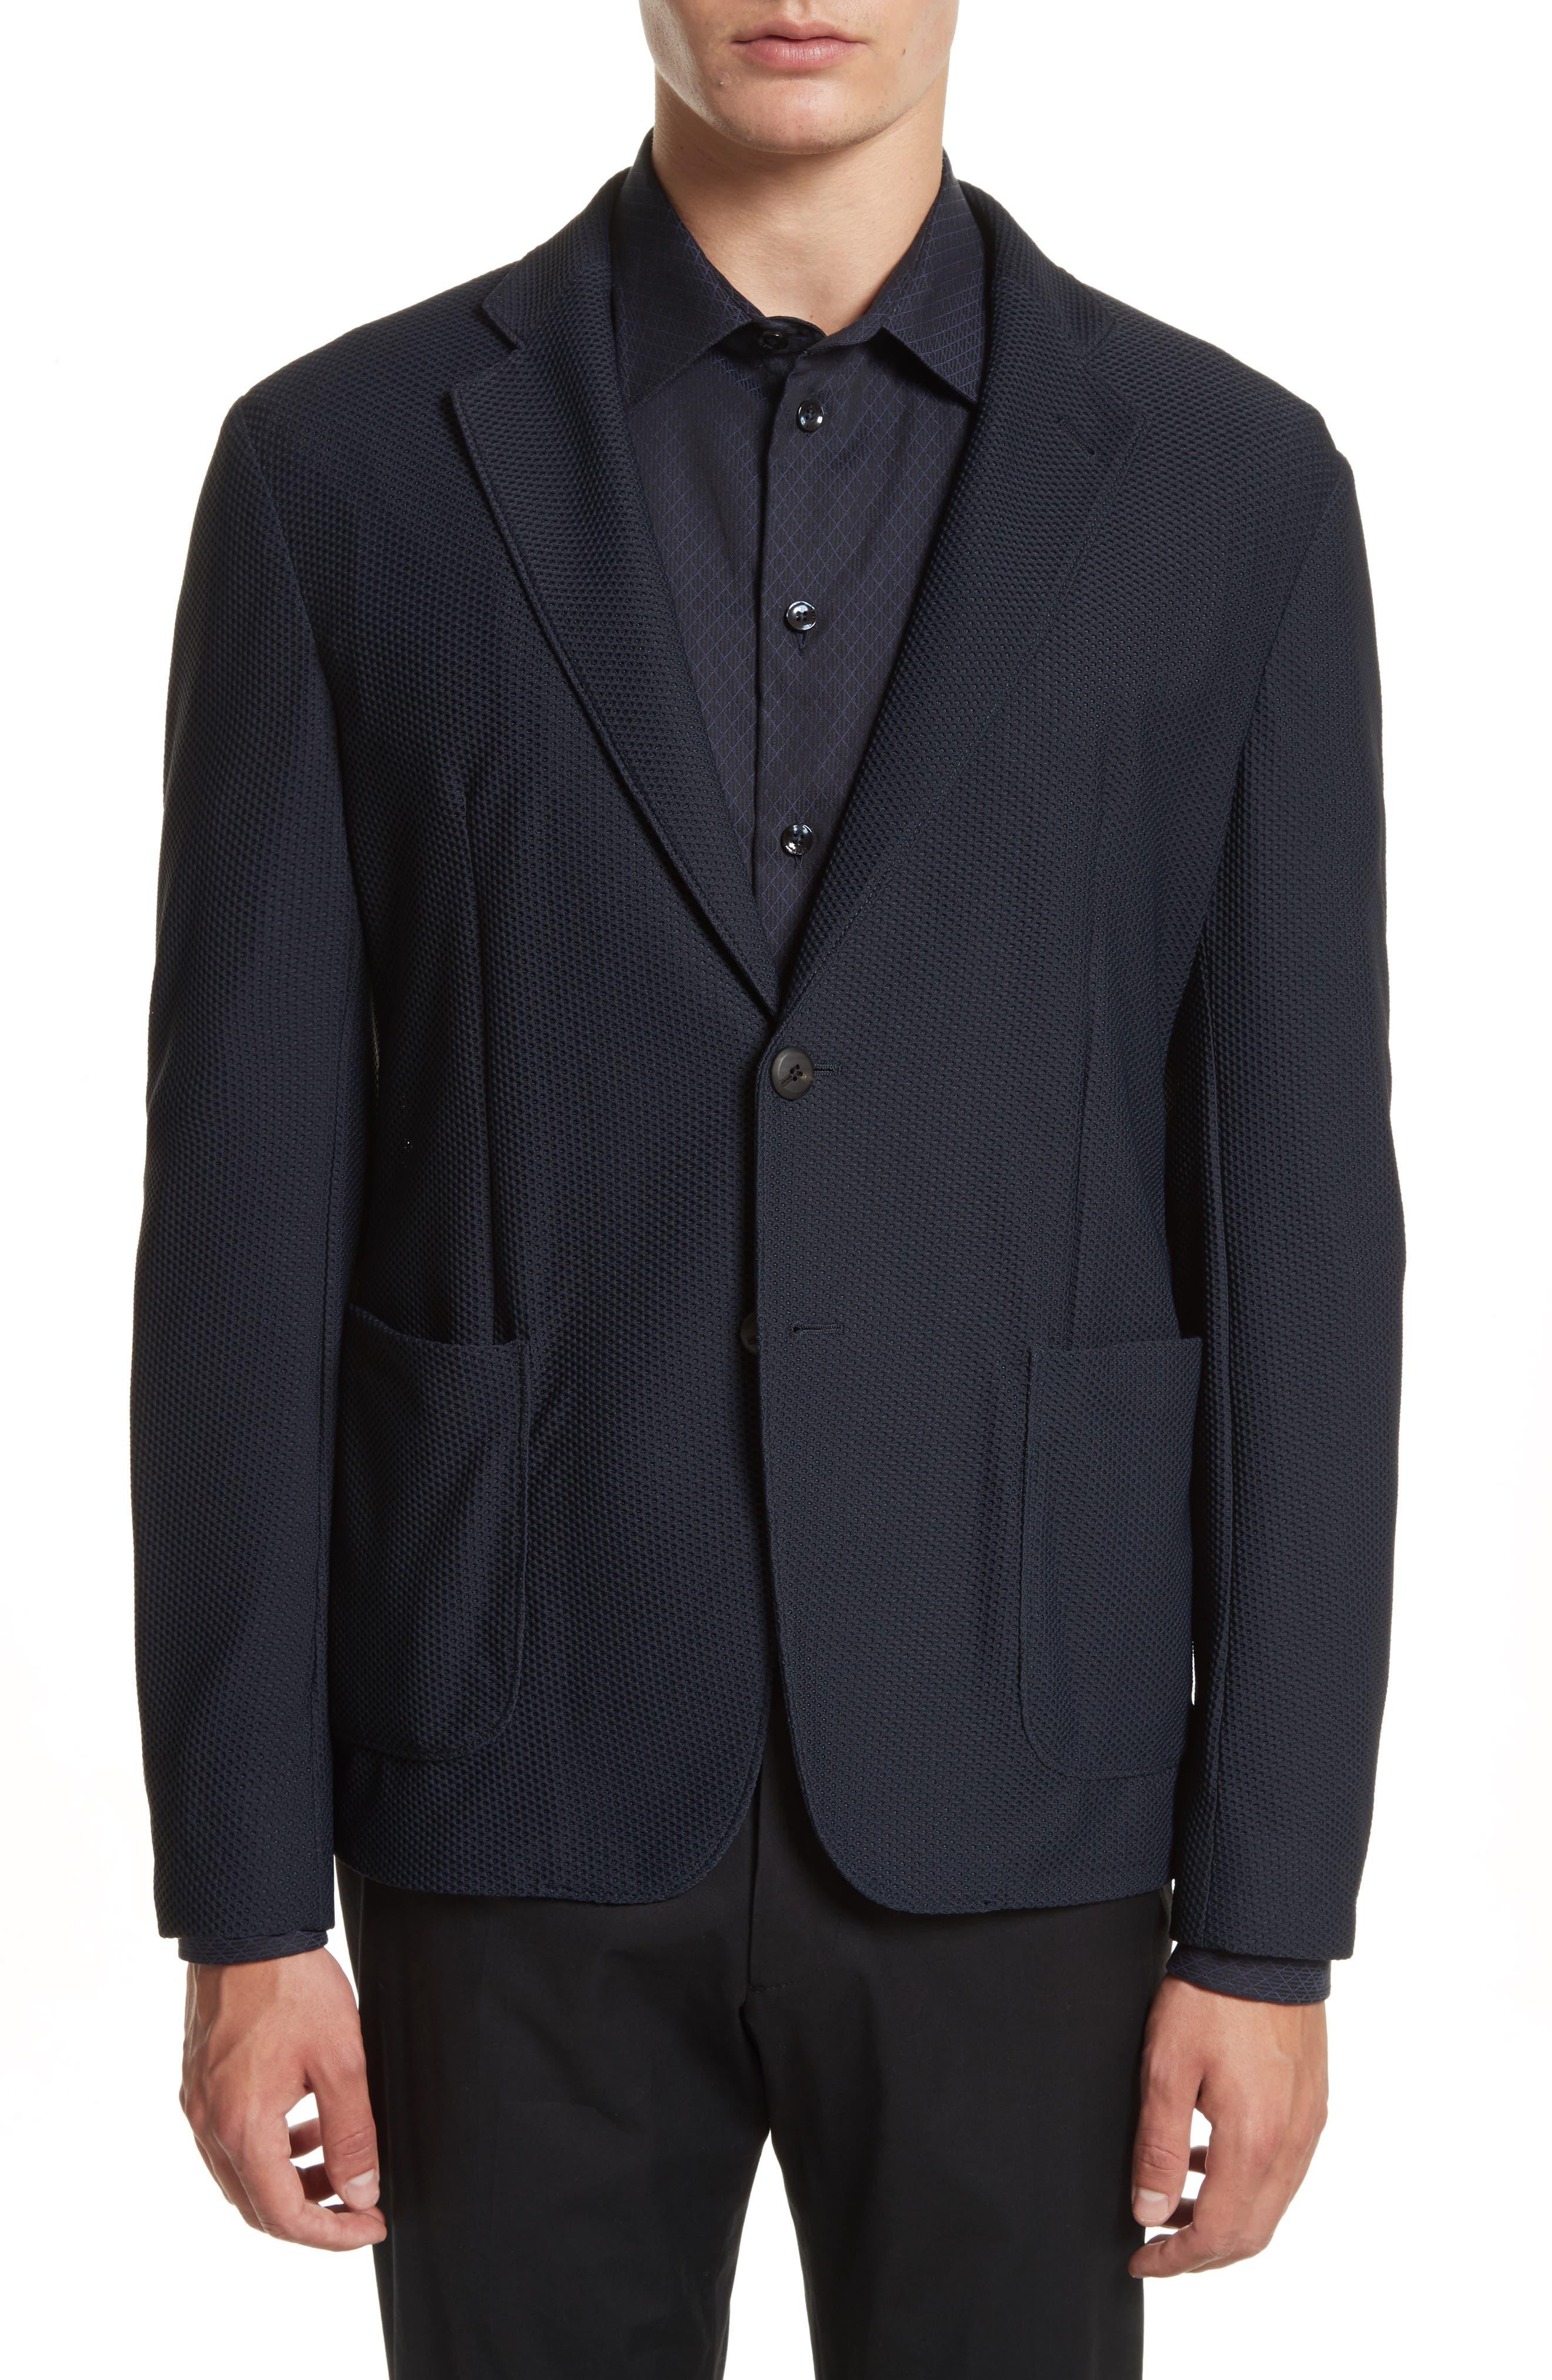 Mesh Knit Jacket,                         Main,                         color, Navy